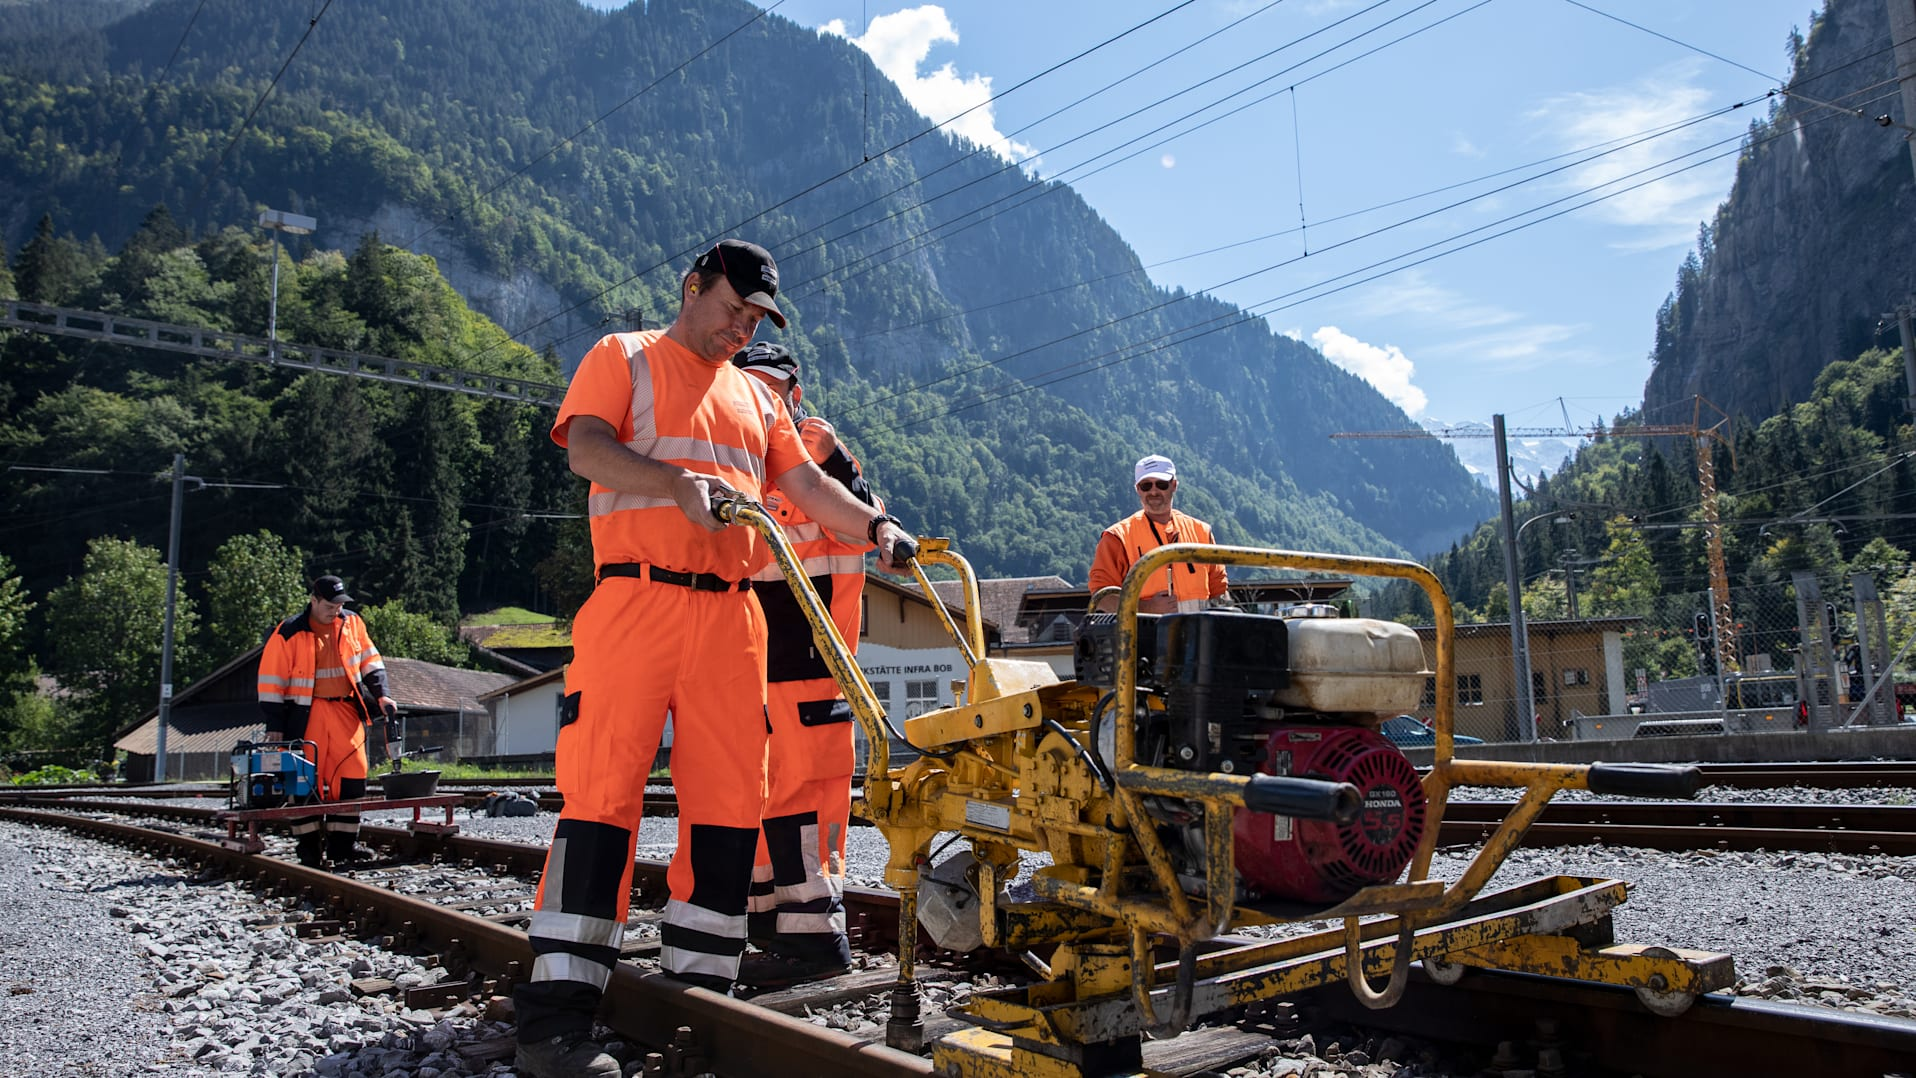 Gleisbauer Jungfraubahnen Streit Martin 3